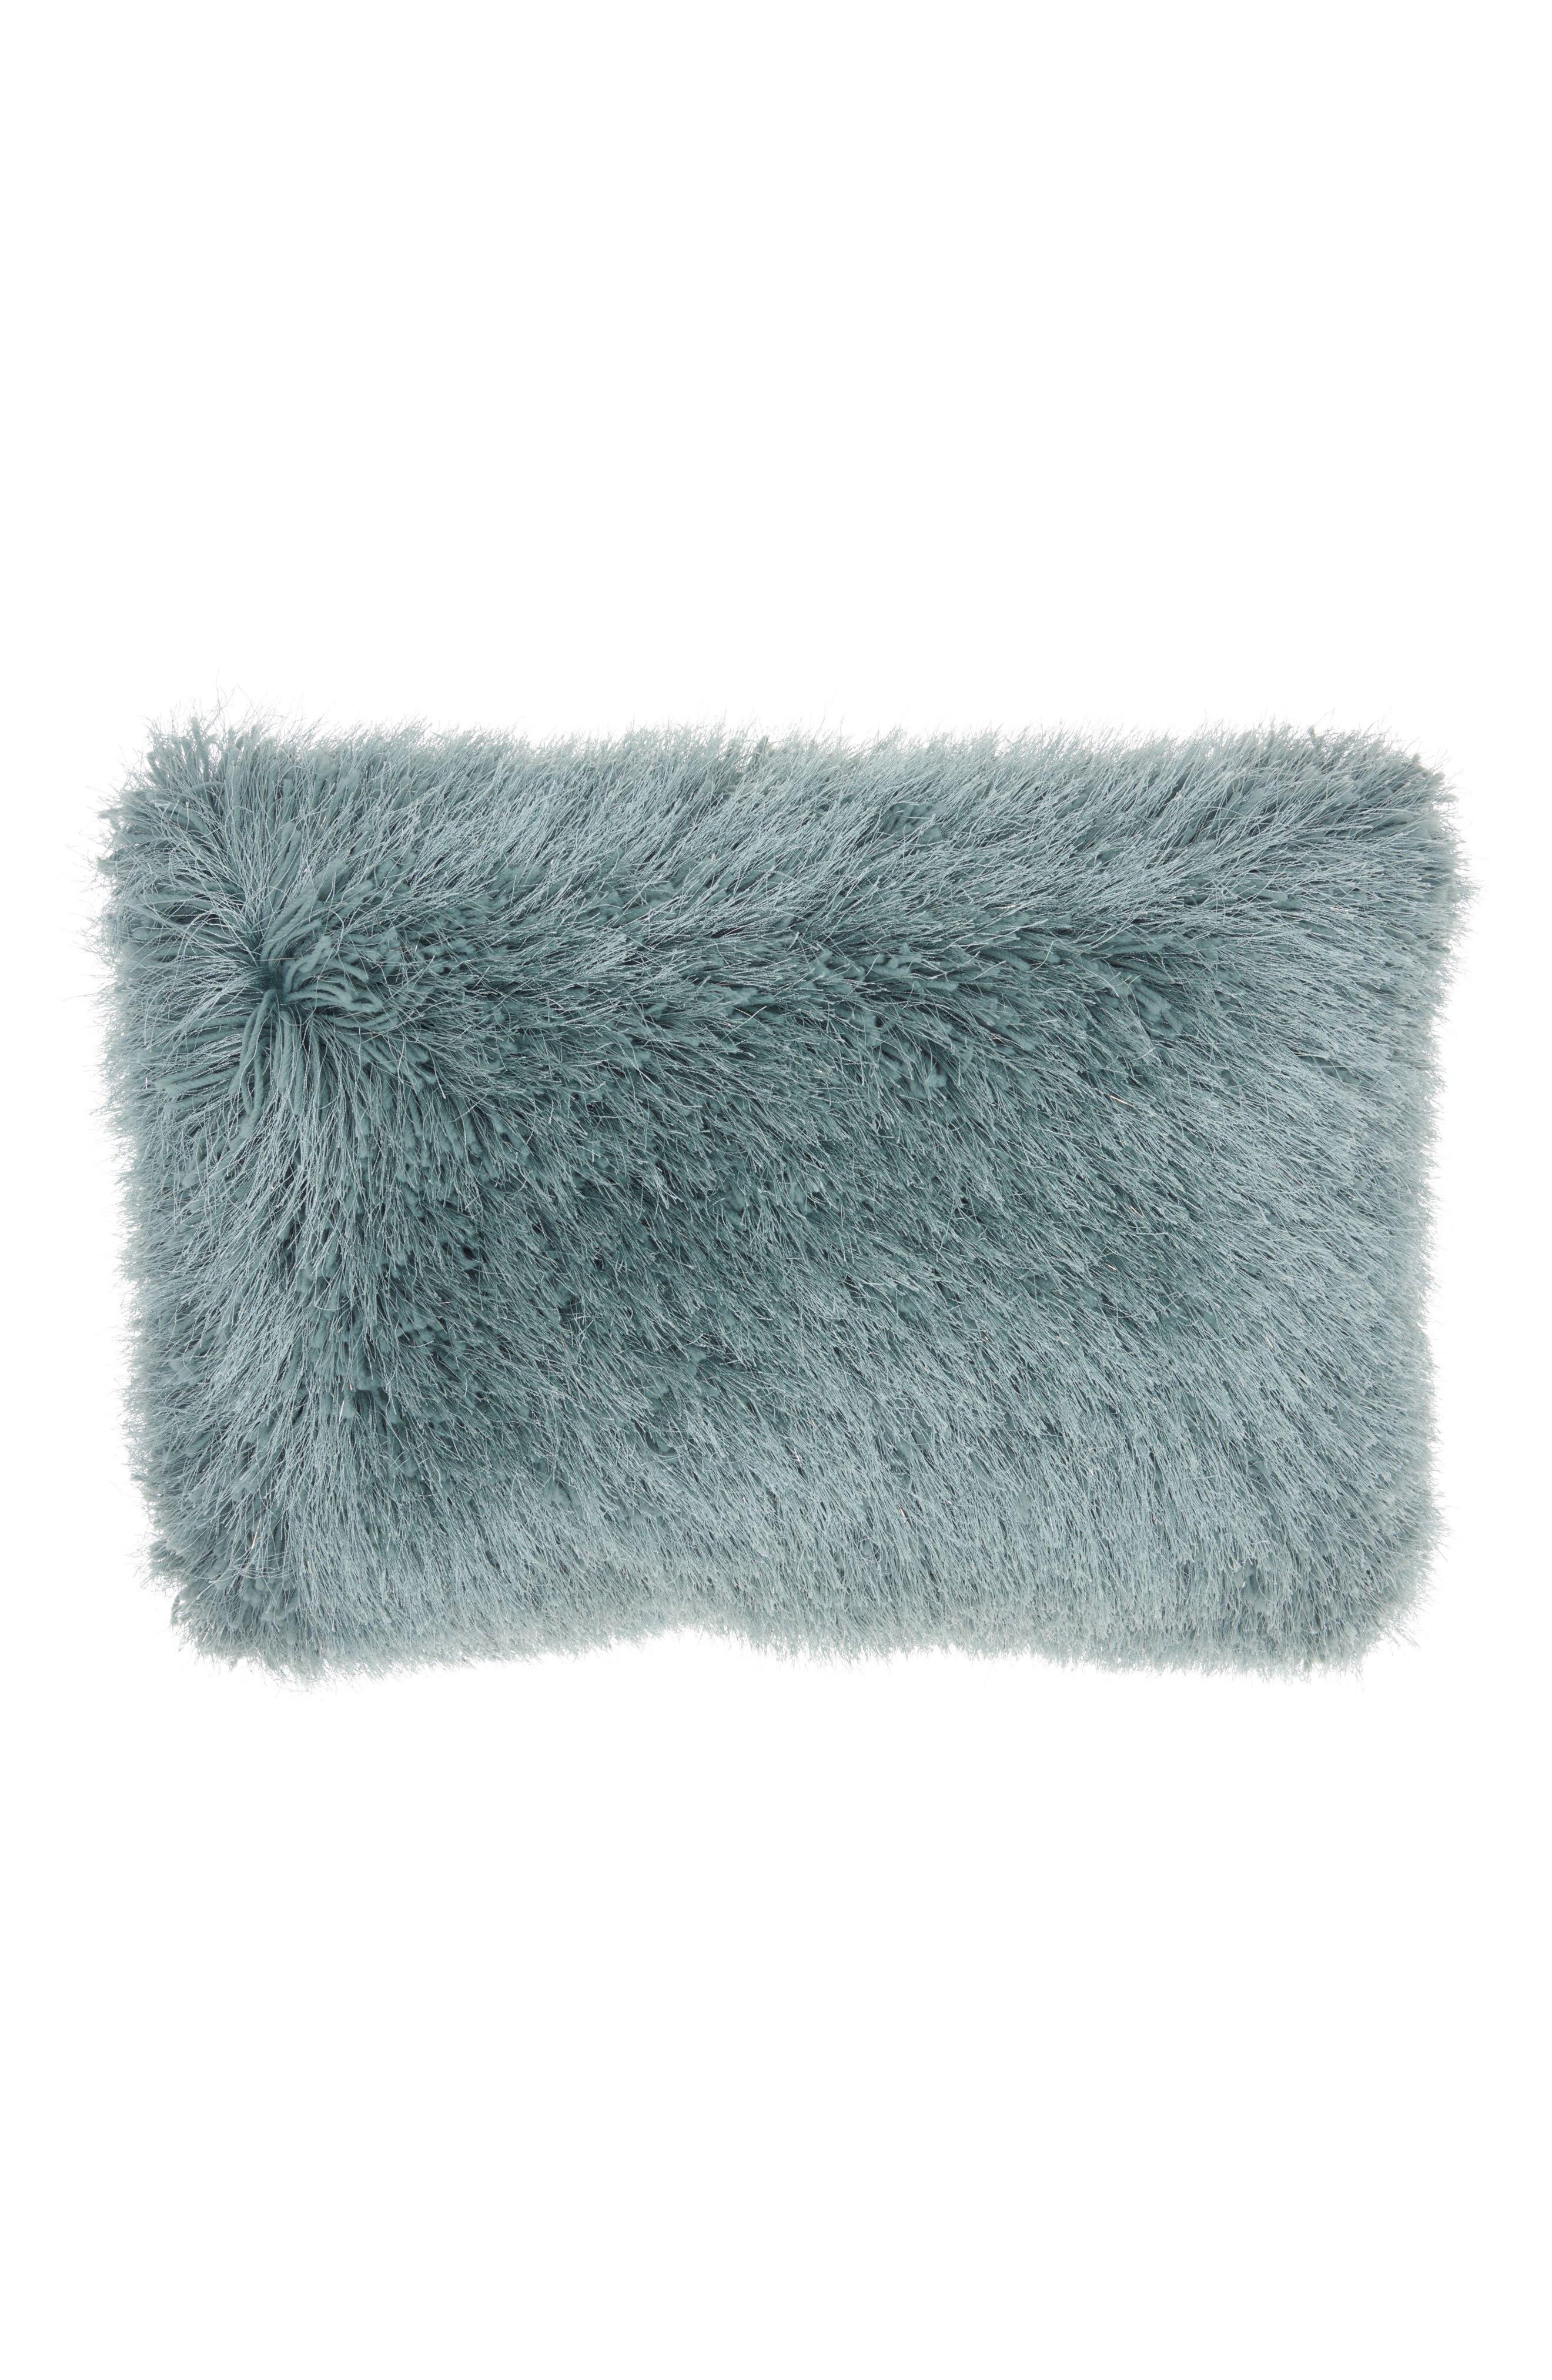 Yarn Shimmer Shag Pillow,                             Main thumbnail 1, color,                             400